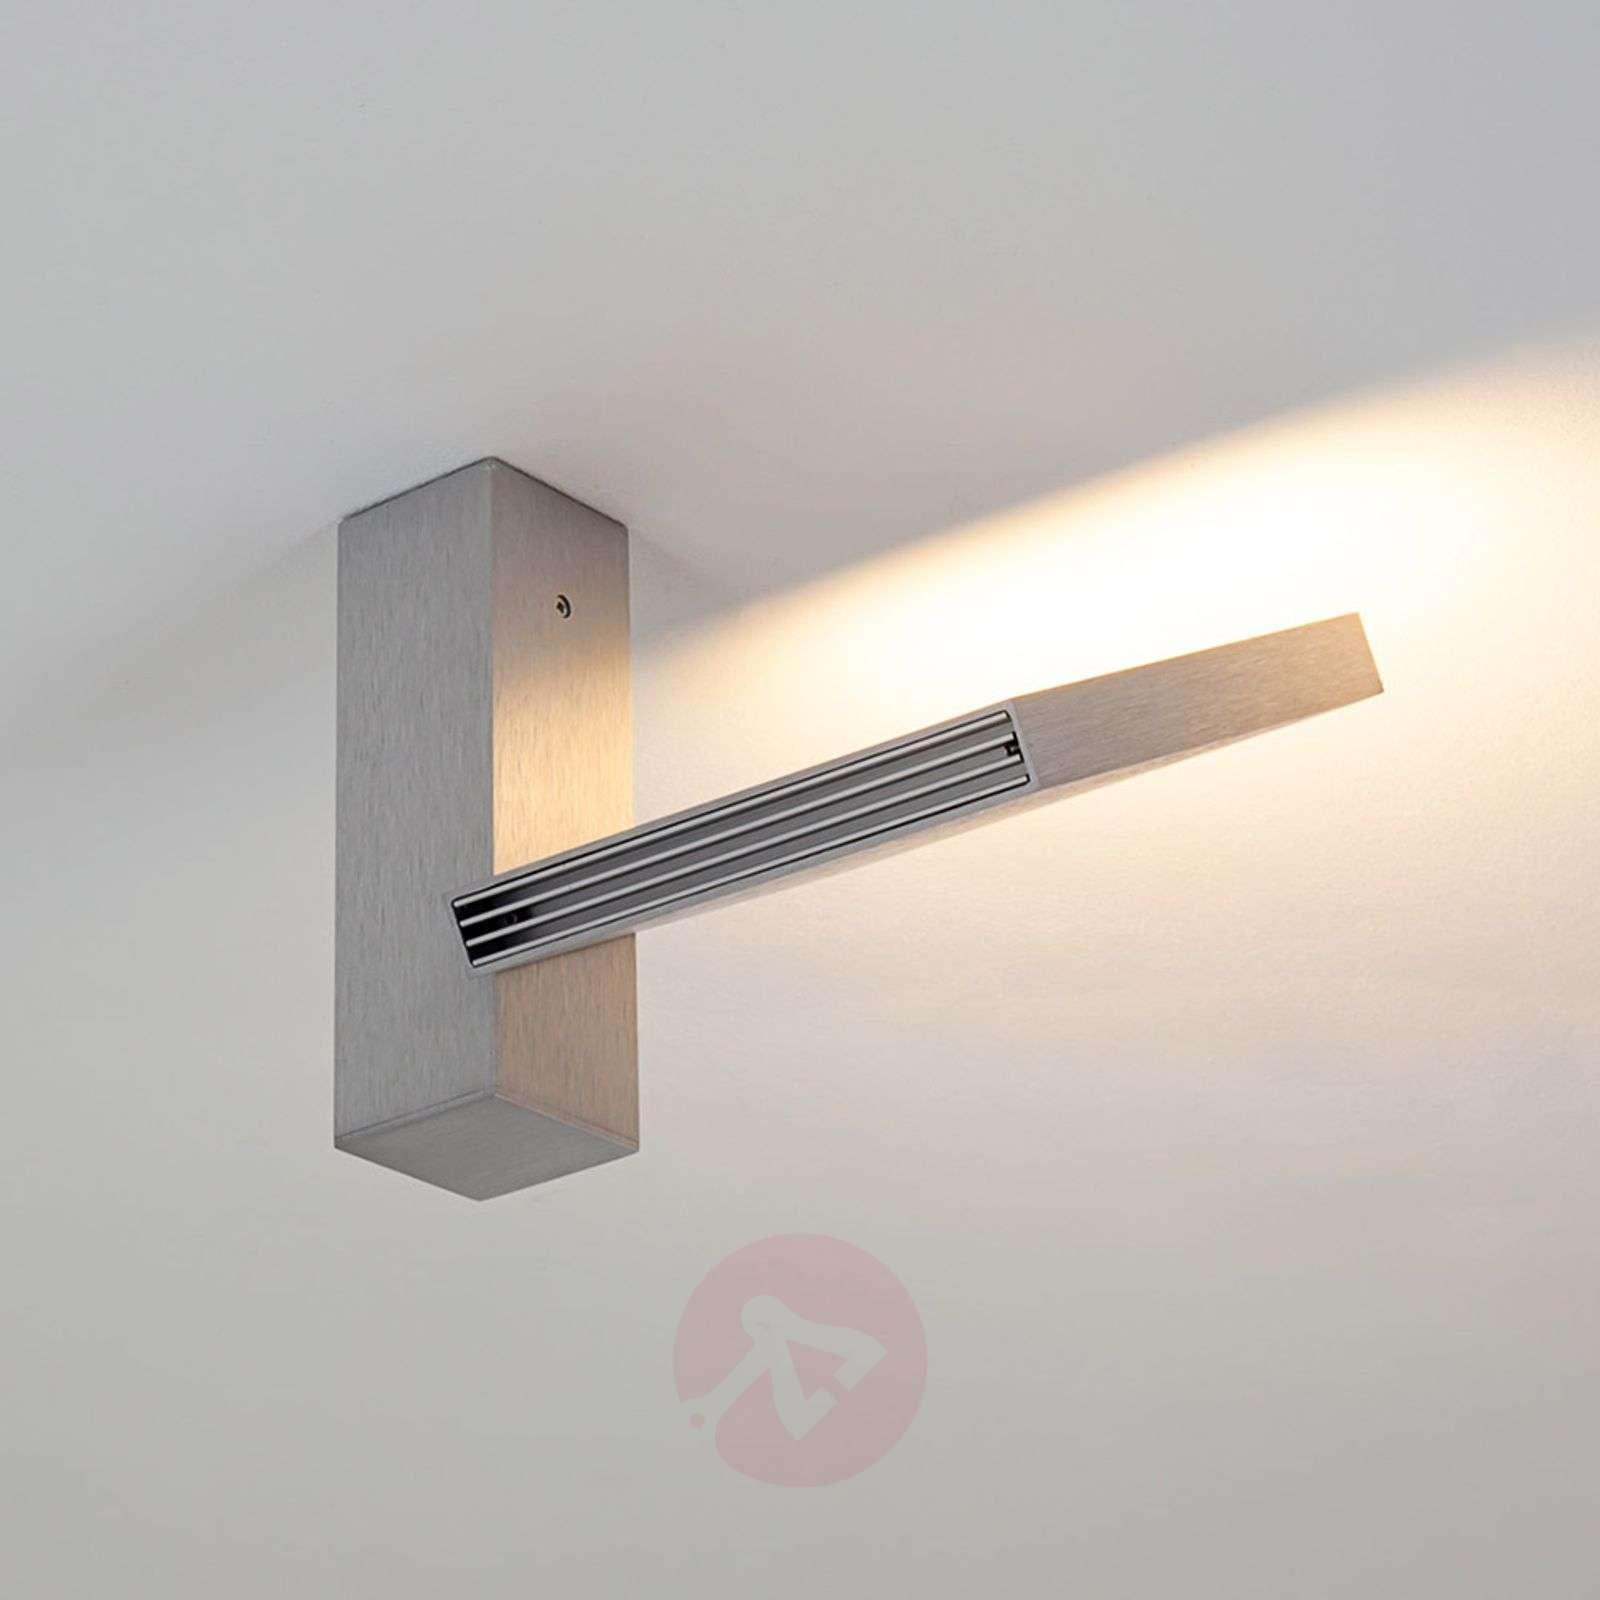 Abstrakti moderni LED-kattovalaisin Ledicus Flat-2000129-01